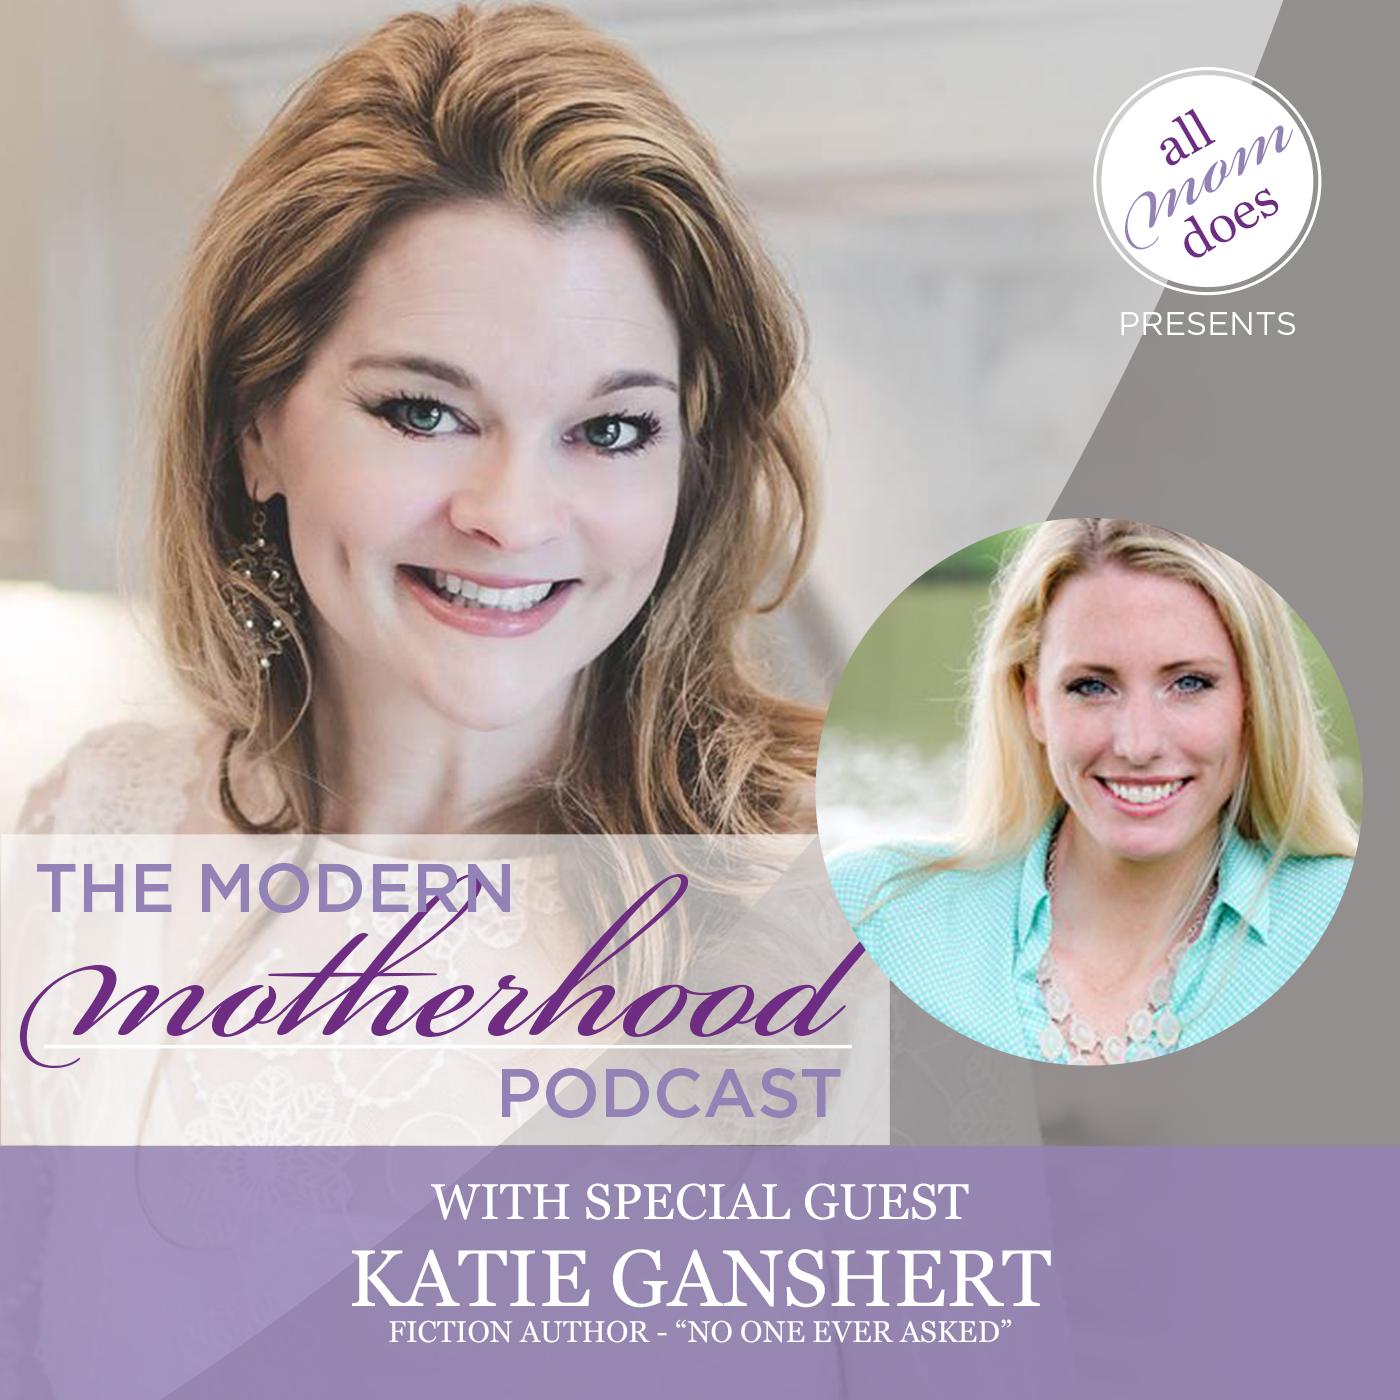 The Modern Motherhood Podcast #33: Katie Ganshert